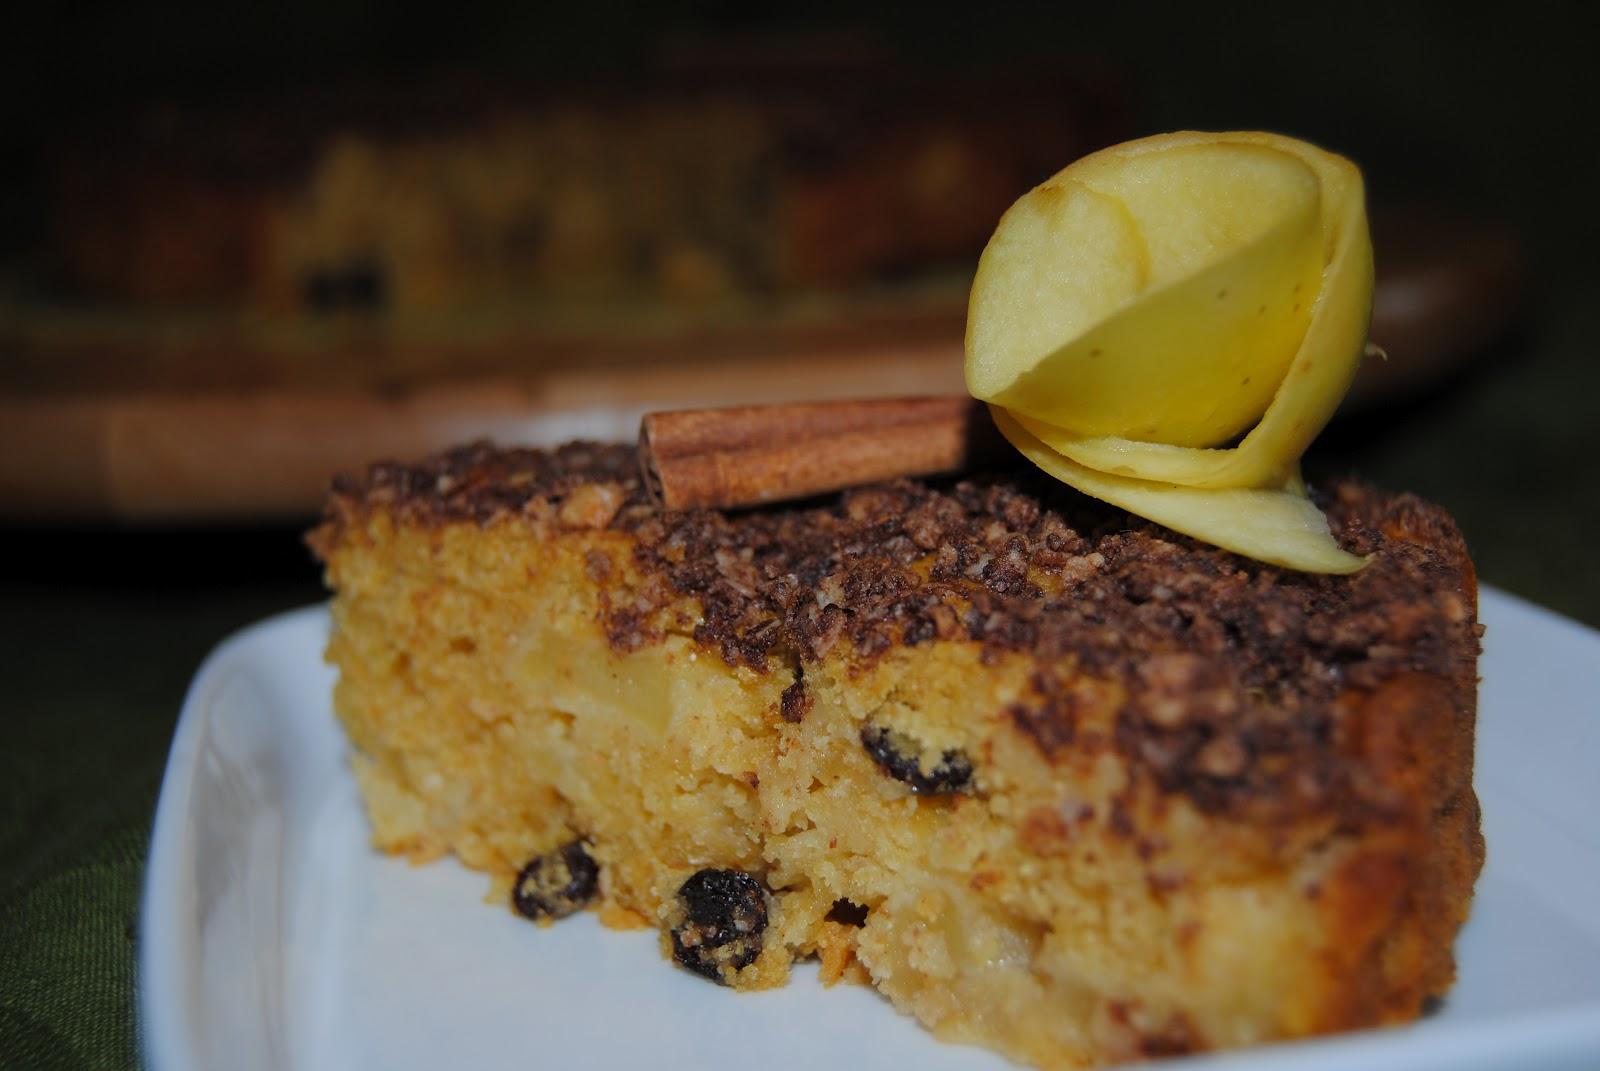 Mis recetas antic ncer bizcocho de manzana y canela por for Bizcocho de manzana y canela